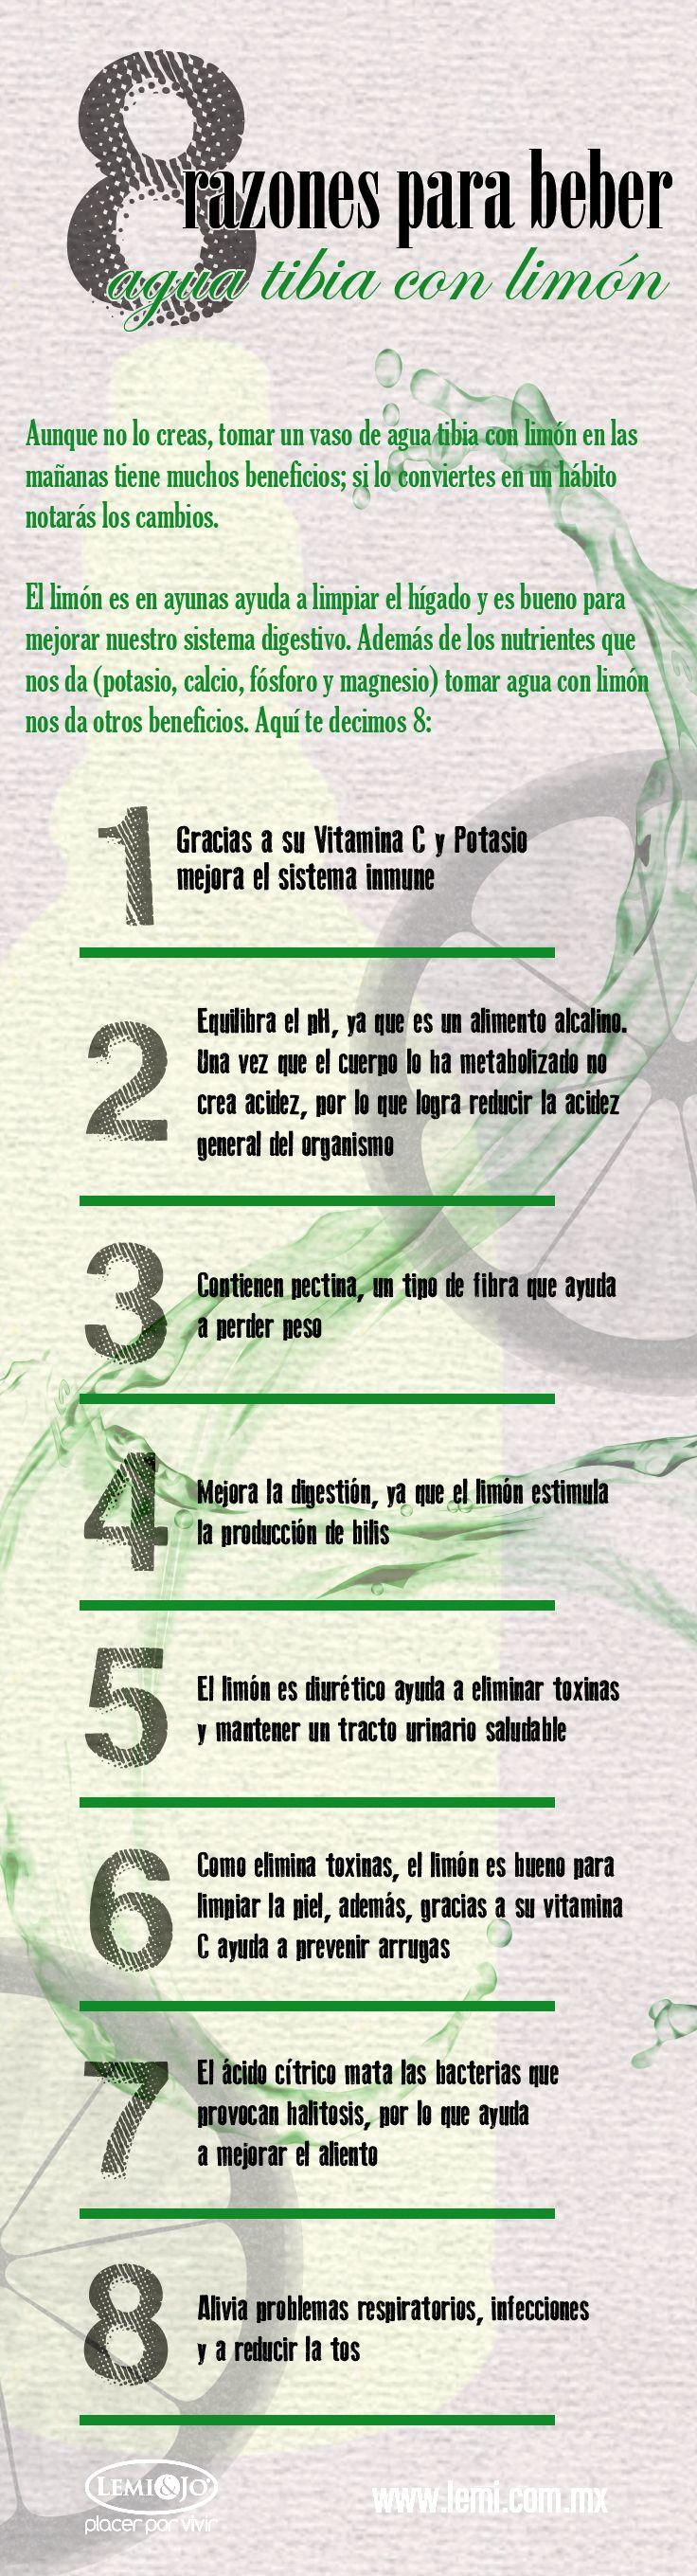 Infografía: 8 razones para tomar #agua tibia con limón. #salud y #bienestar